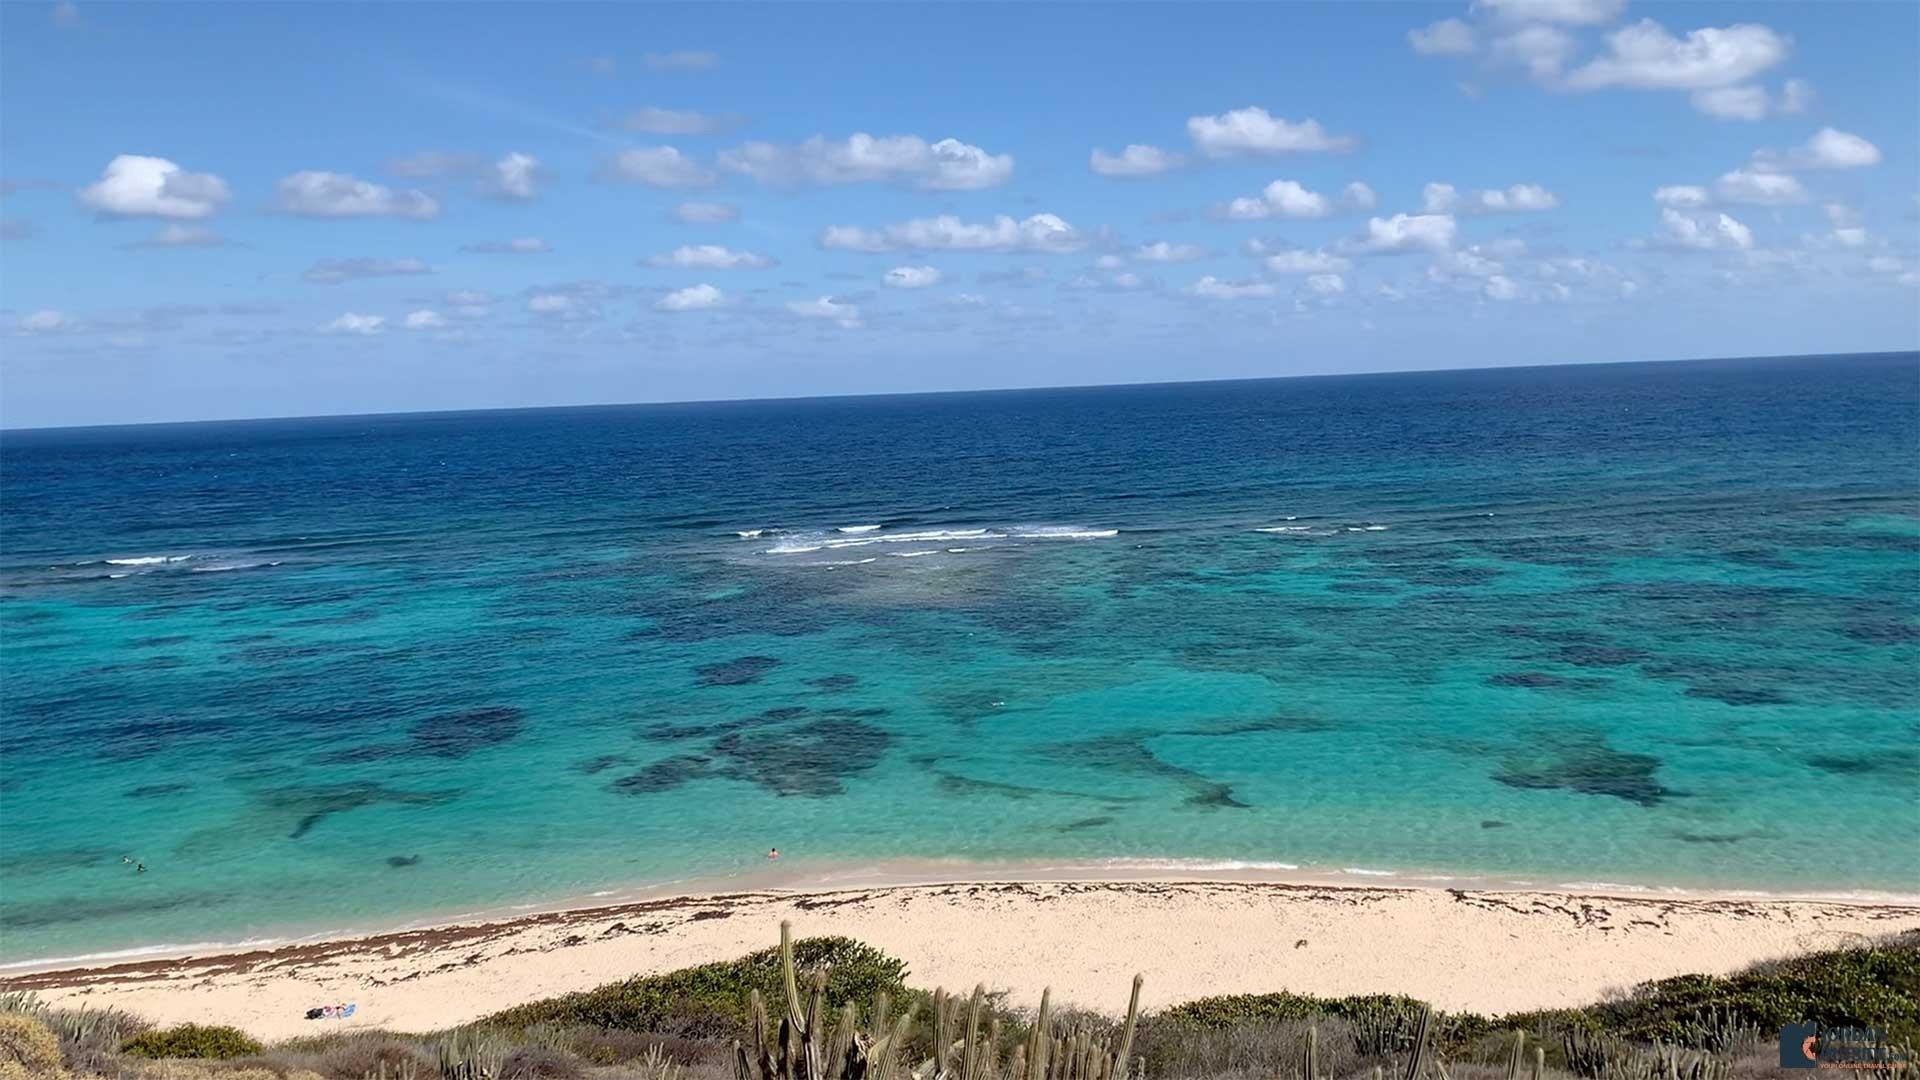 Isaac's Bay Beach, St. Croix